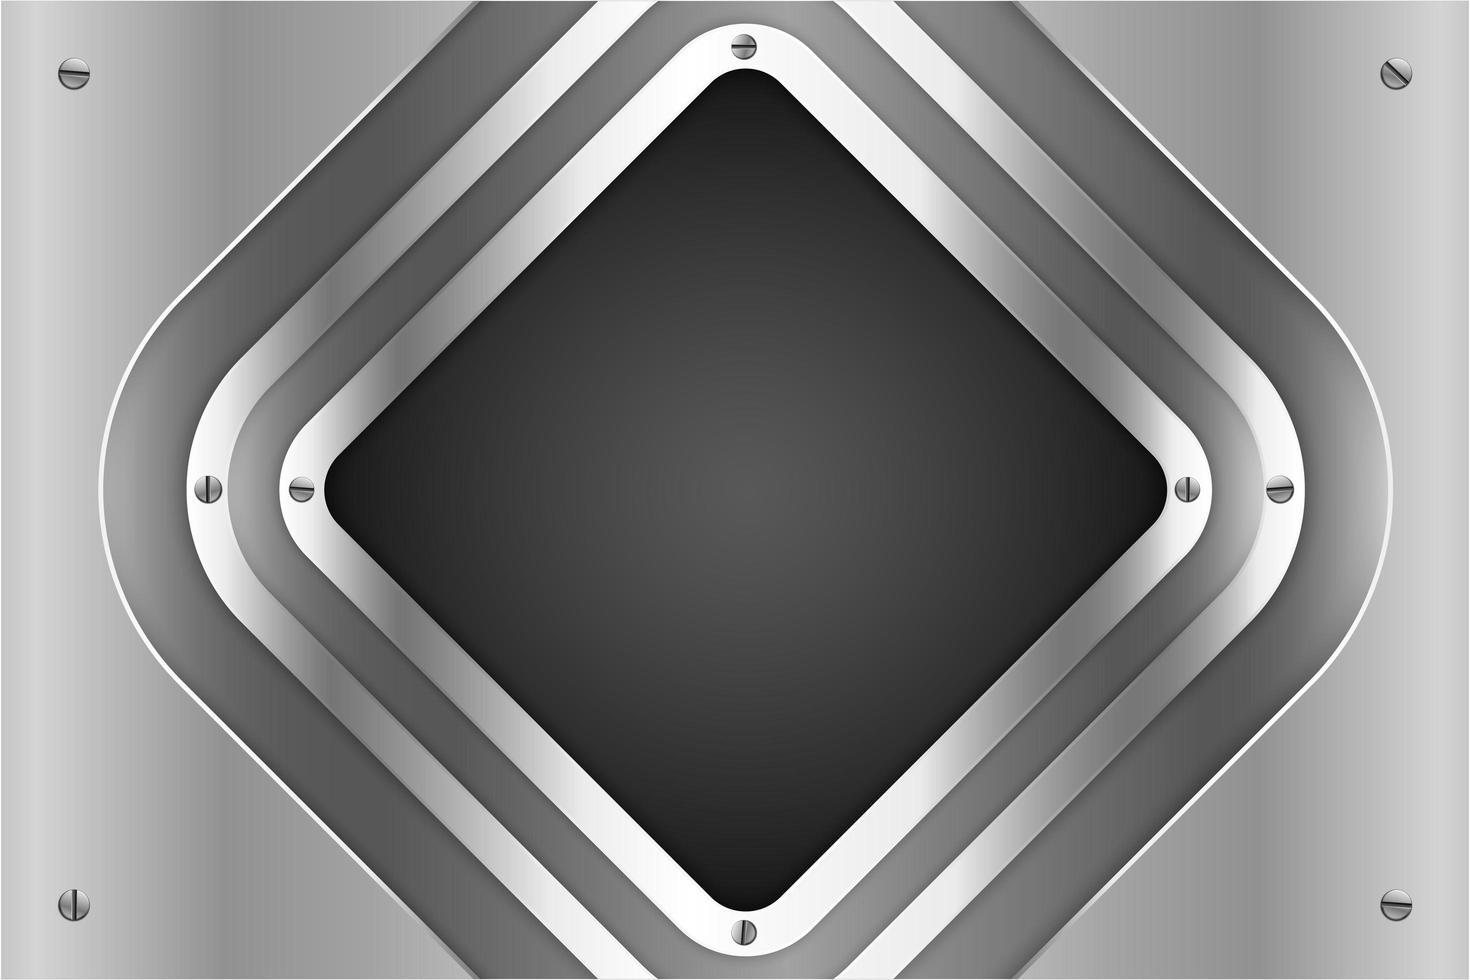 pannelli diamantati argento metallizzato con viti vettore